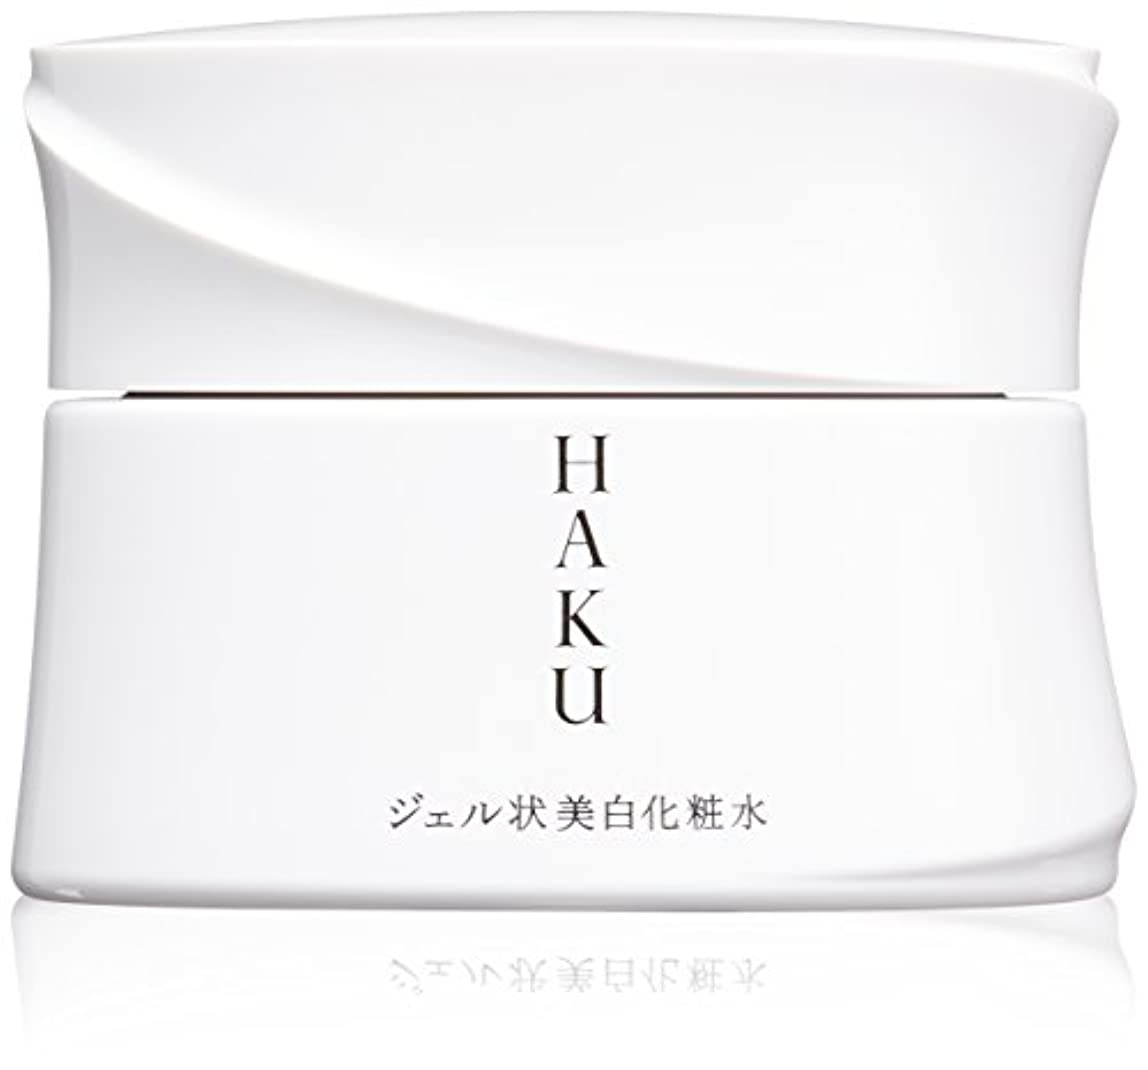 制約寄付するバンガローHAKU メラノディープモイスチャー 美白化粧水 100g 【医薬部外品】